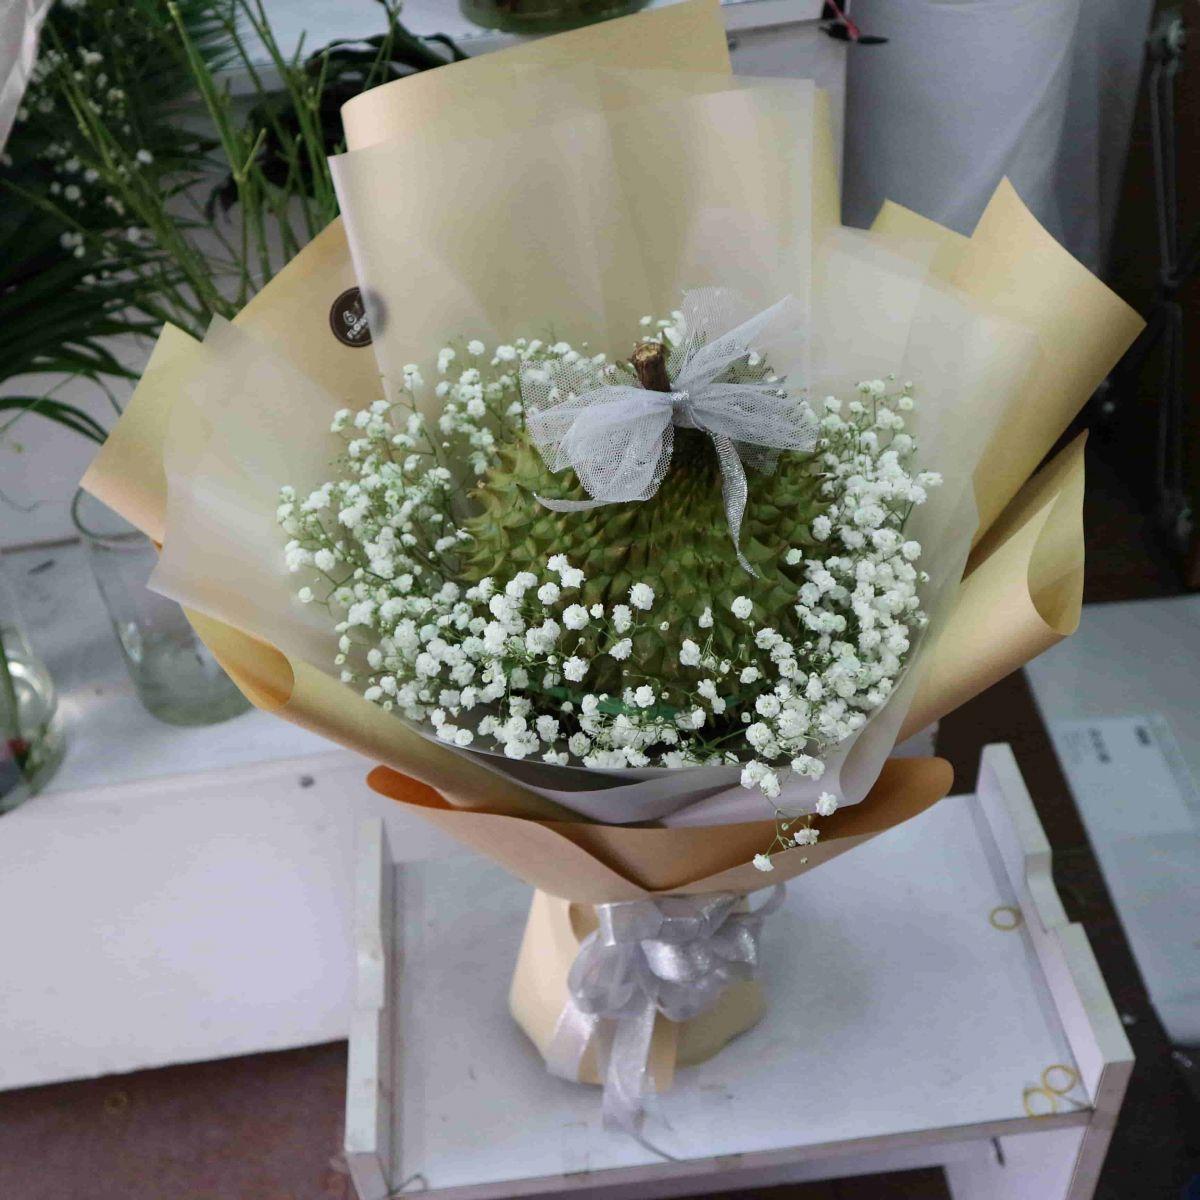 bó hoa sâu riêng ngon thần sầu